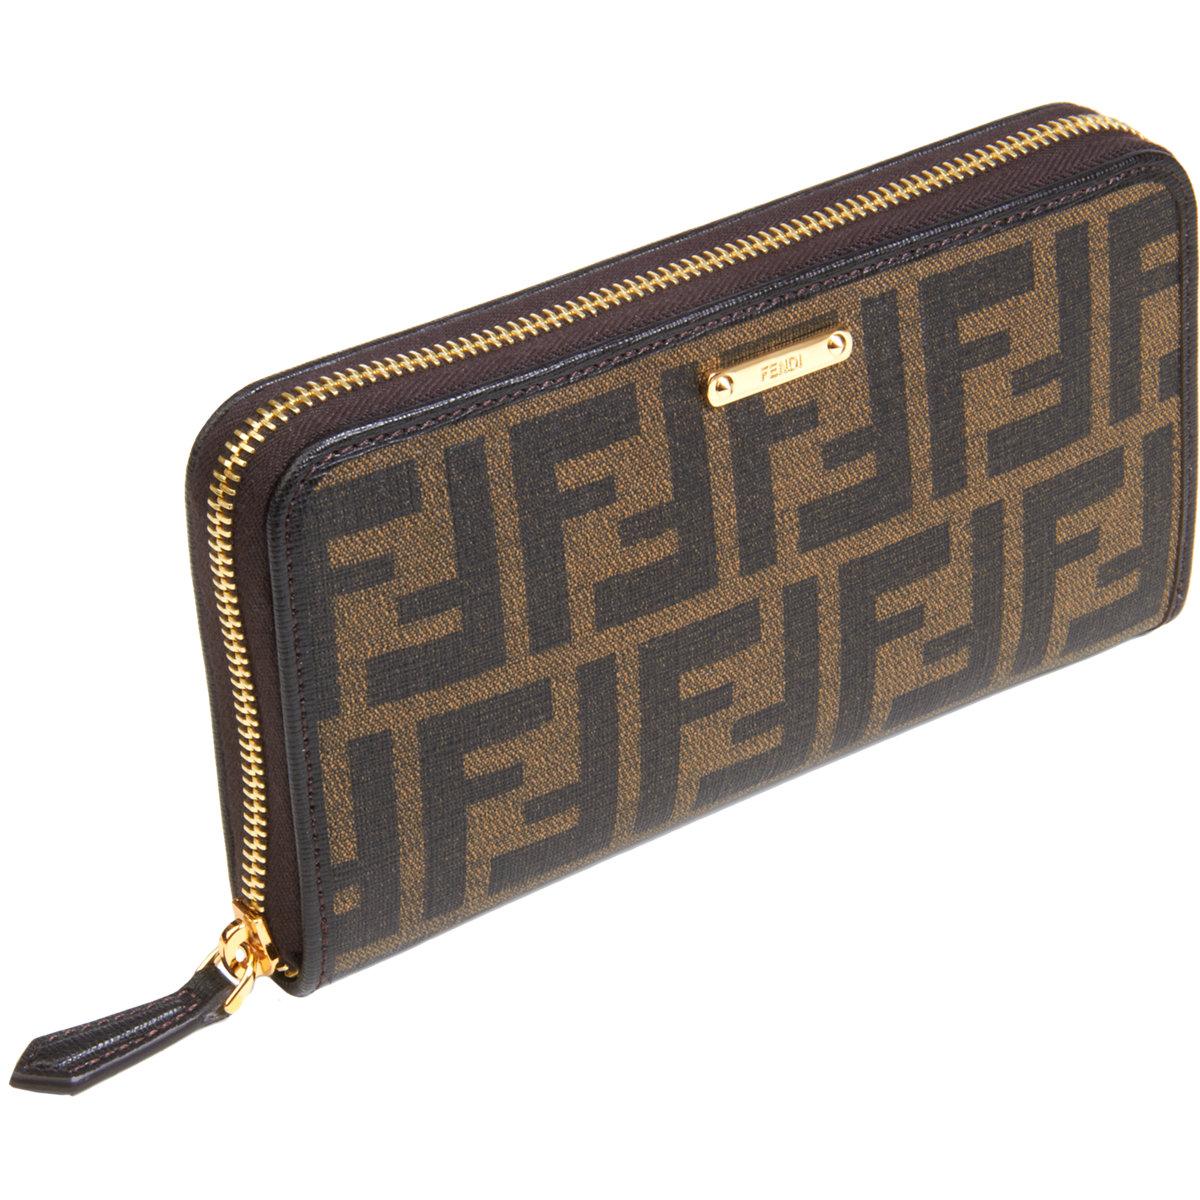 6fd832a11322 ... good fendi zucca zip around wallet in brown lyst 3d9a4 971ee